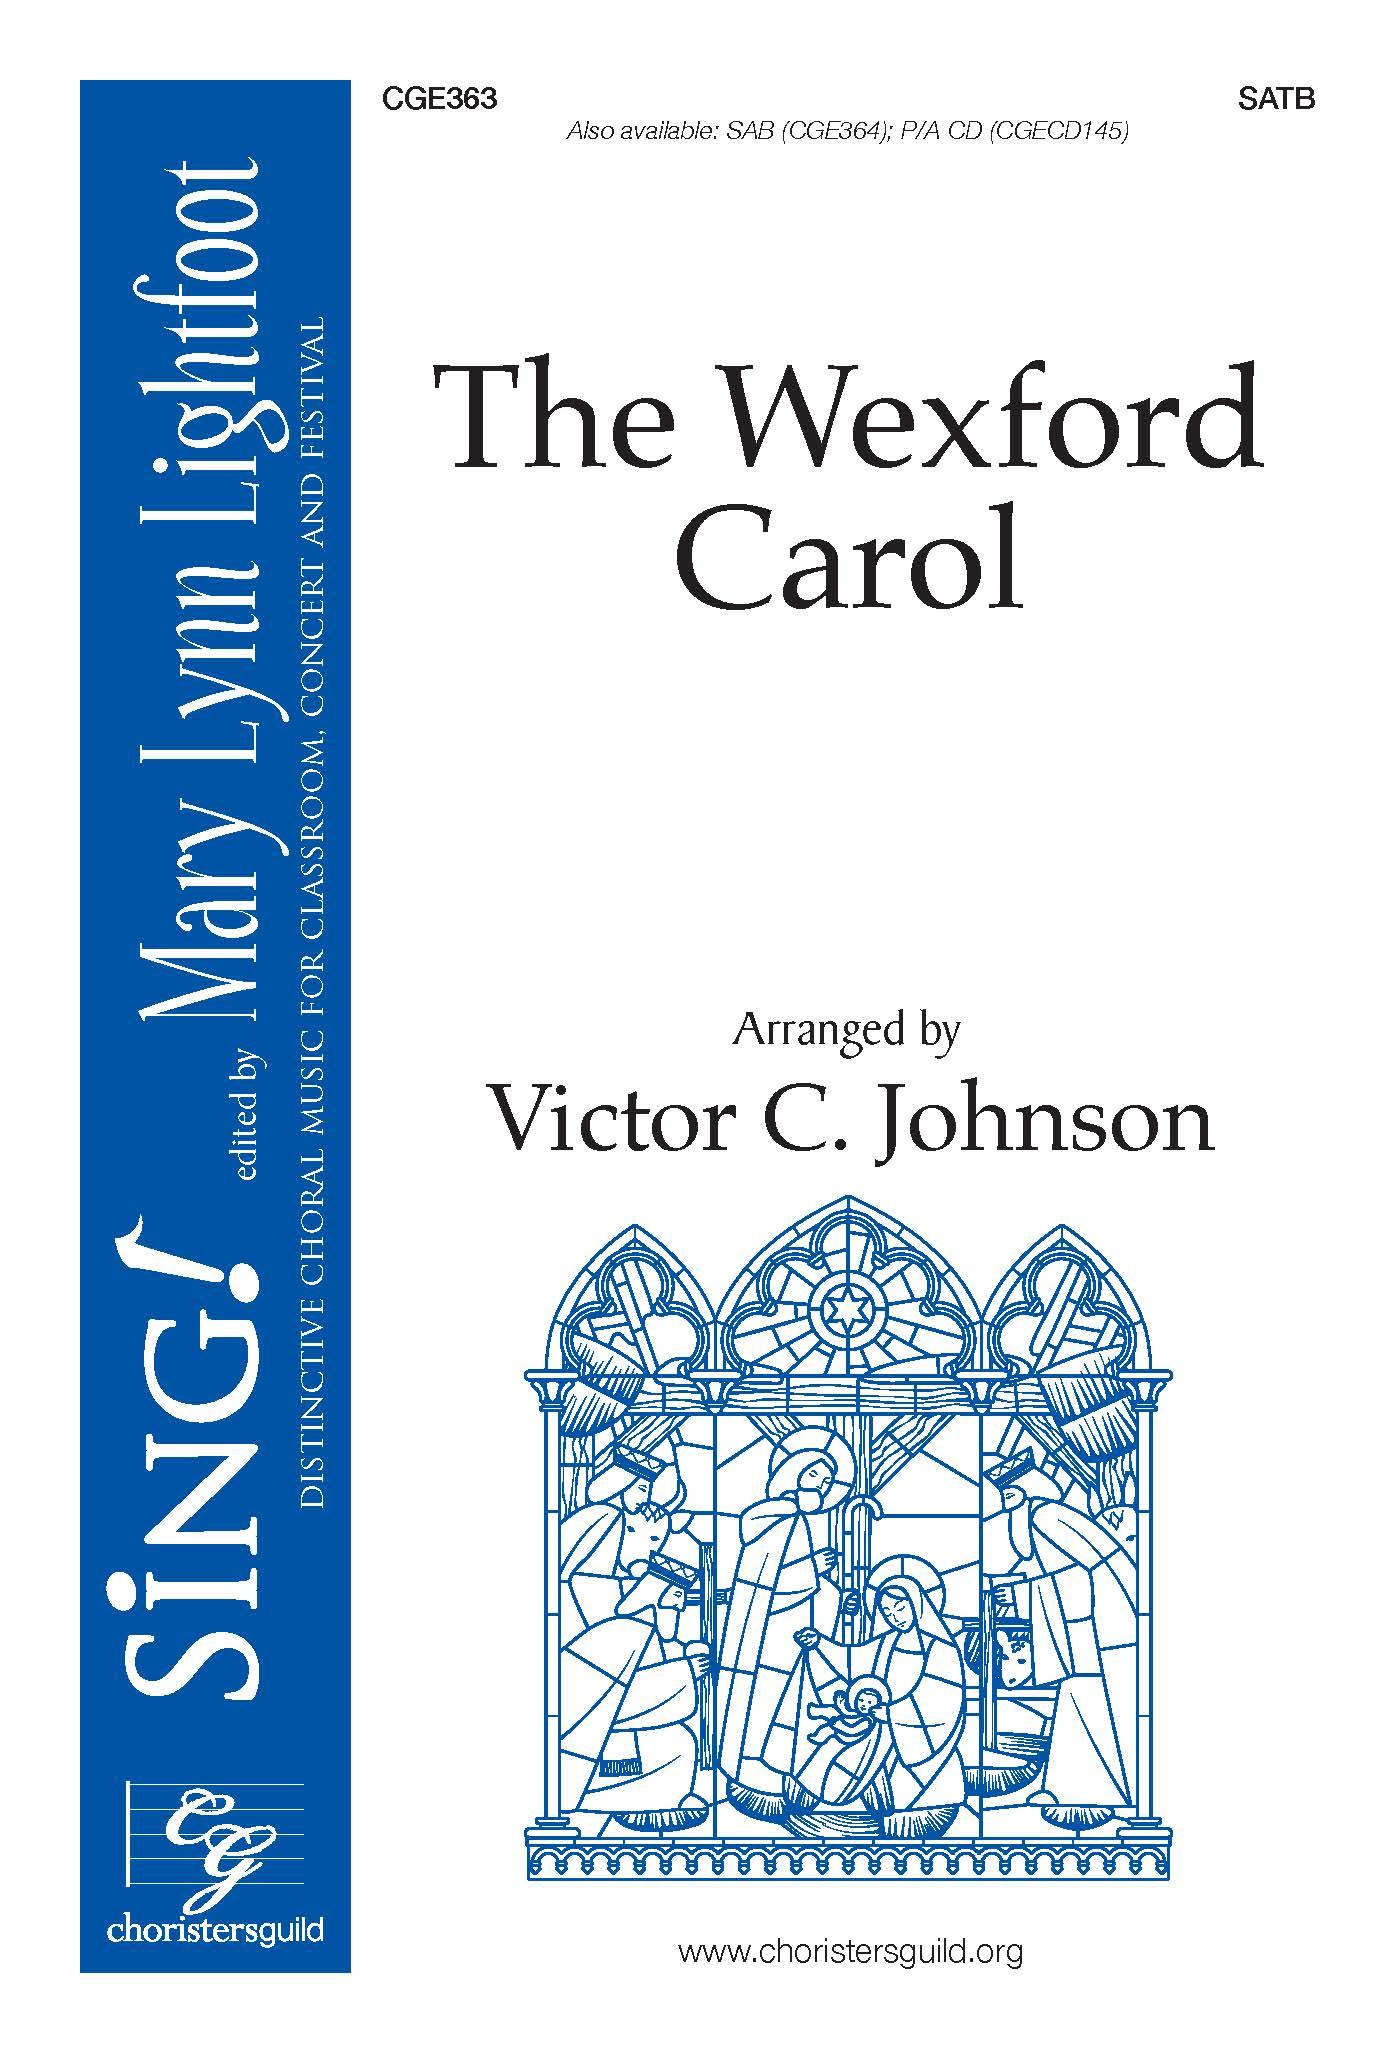 The Wexford Carol - SATB